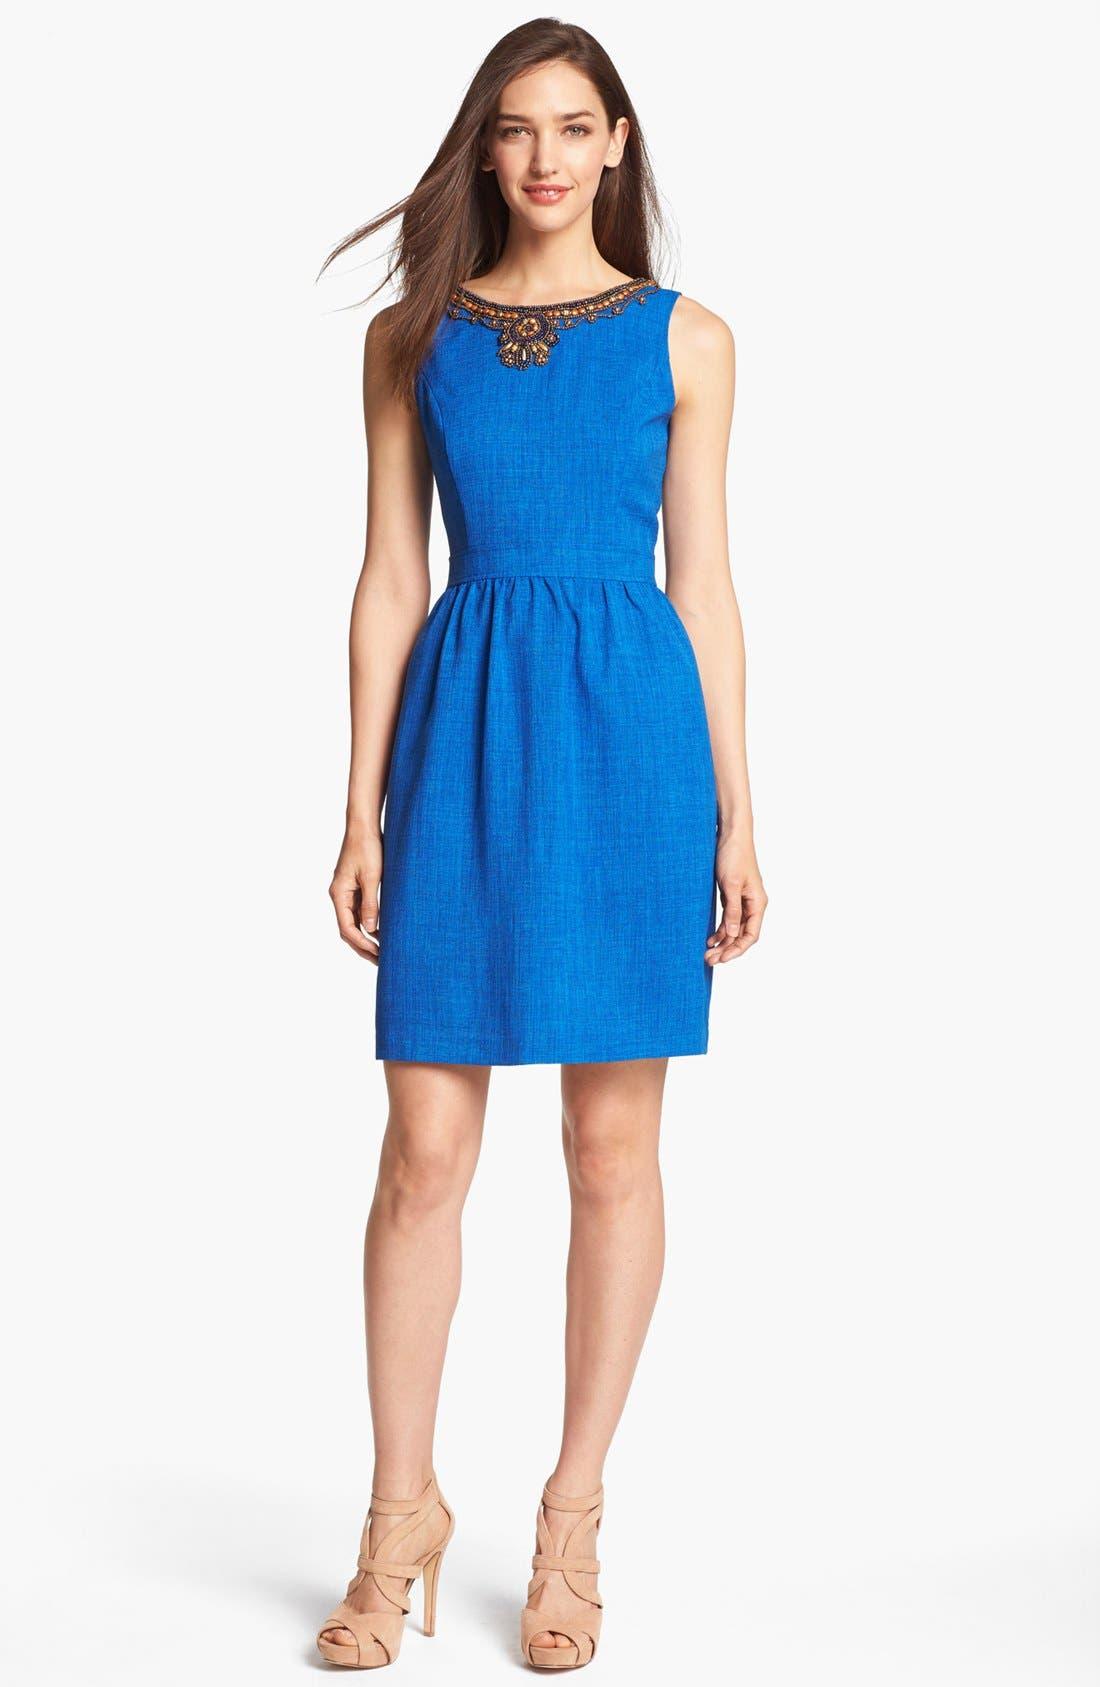 Alternate Image 1 Selected - Ellen Tracy Embellished Sleeveless Sheath Dress